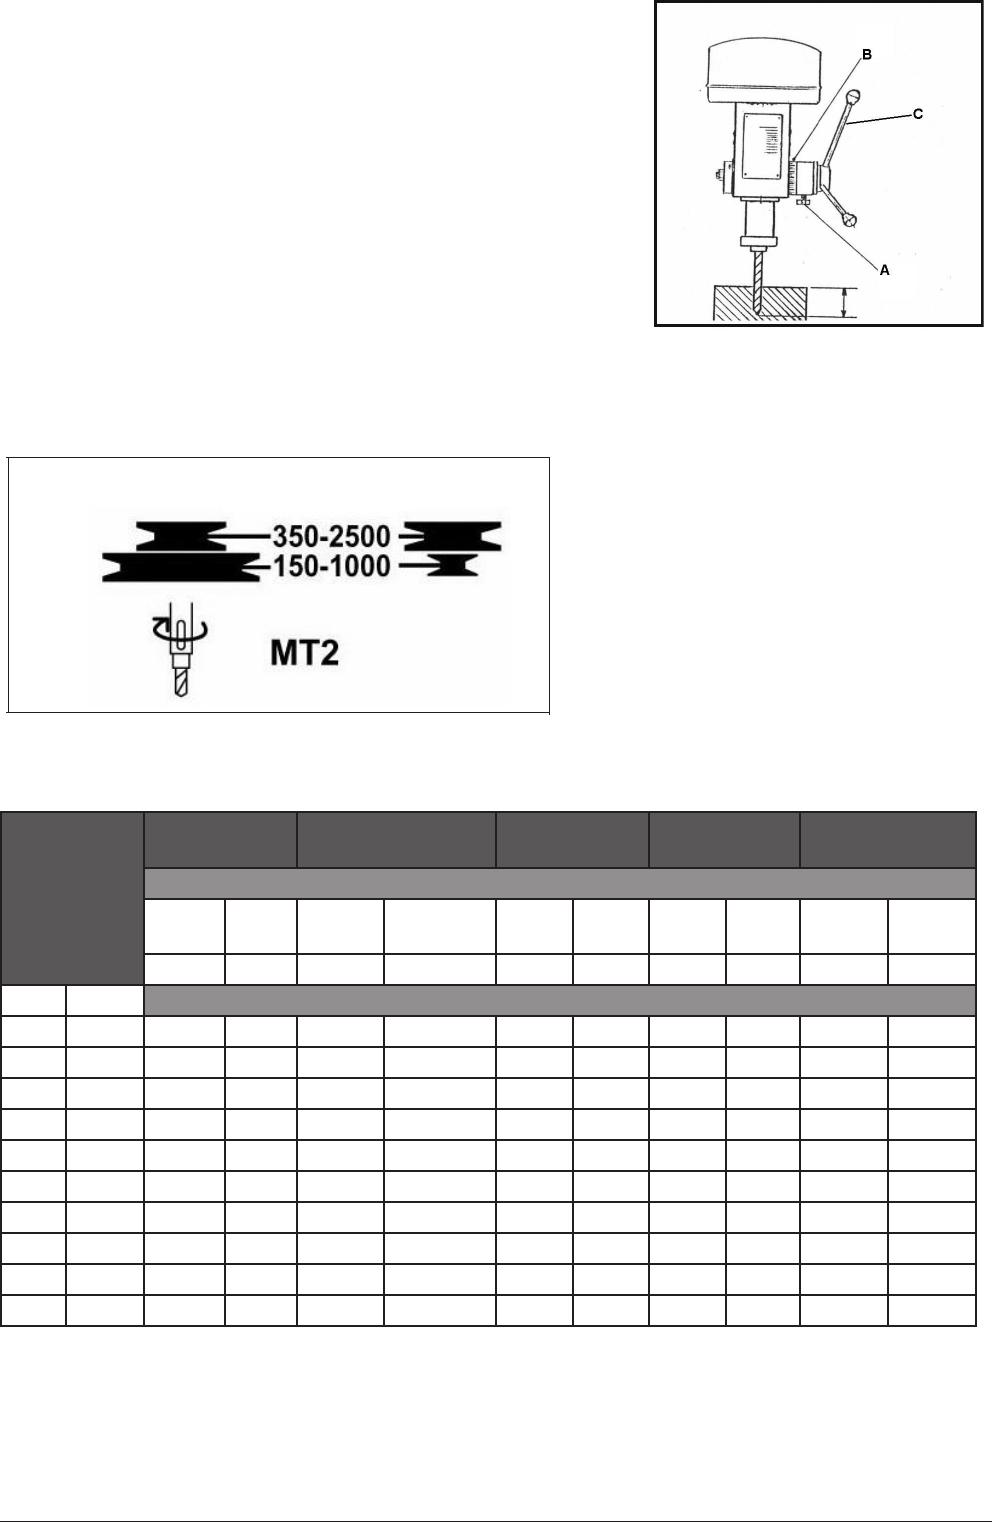 Handleiding Huvema HU 20 SUPER VARIO (pagina 6 van 16